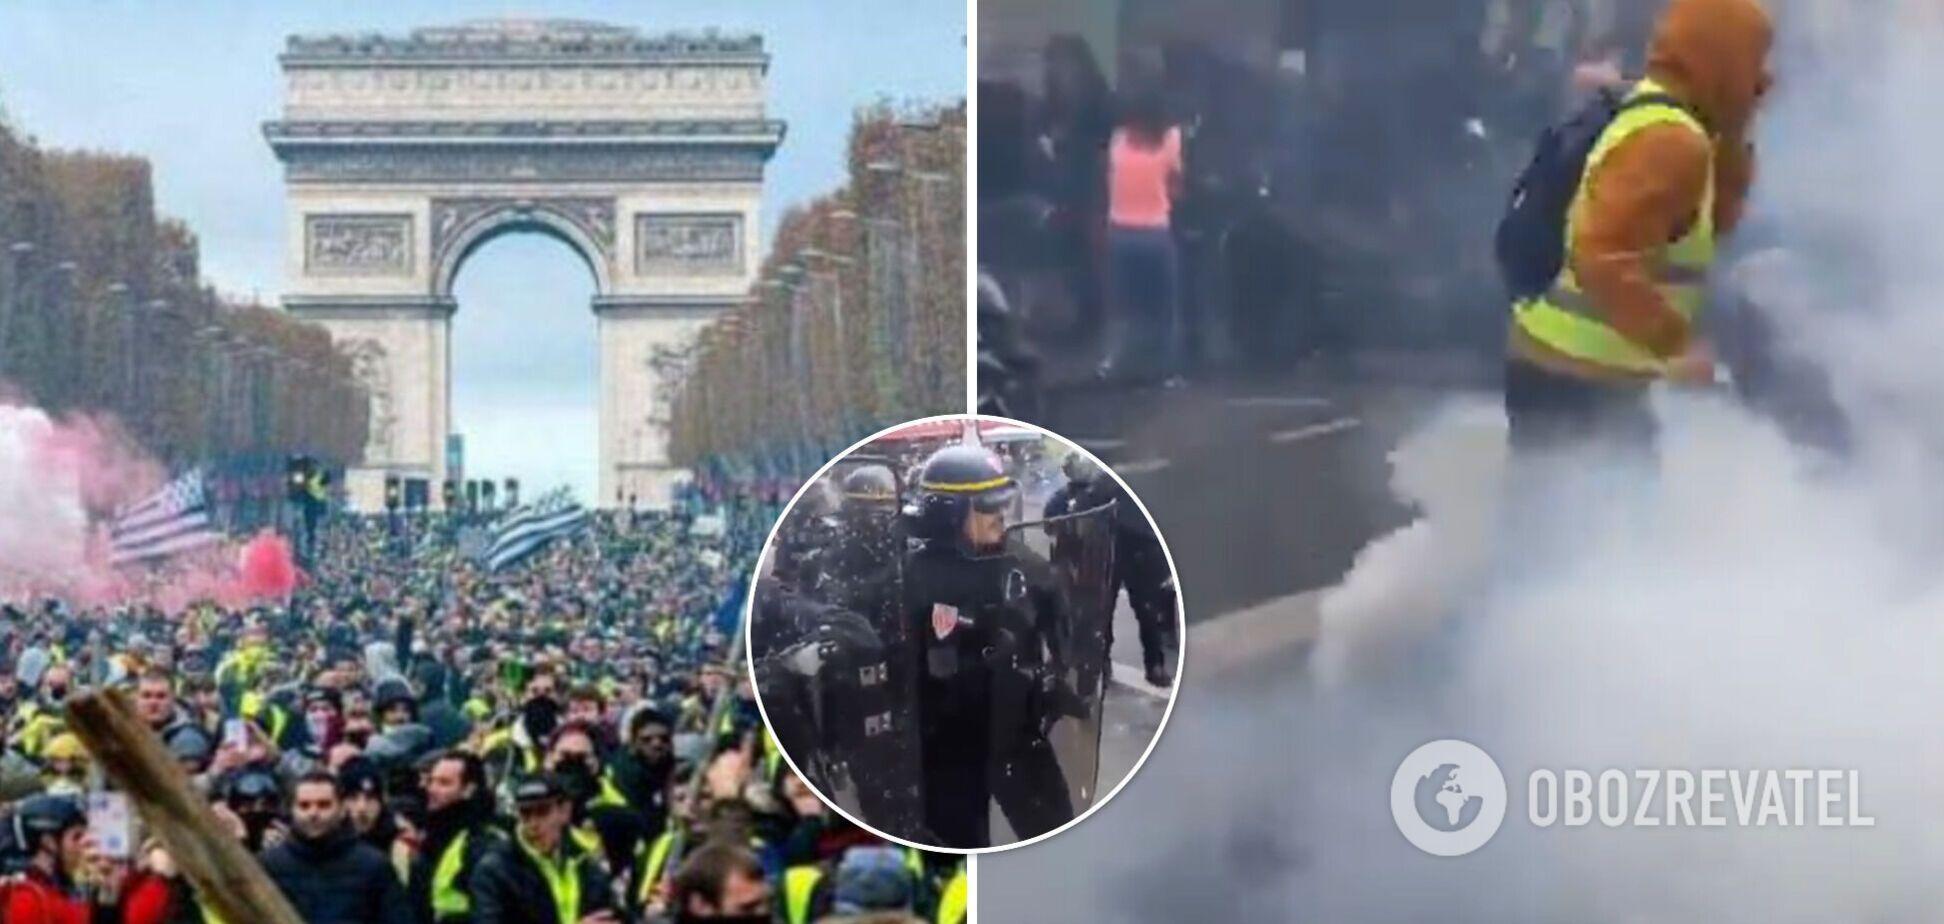 У Франції повстали проти COVID-сертифікатів, поліція застосувала гранати та сльозогінний газ. Фото та відео